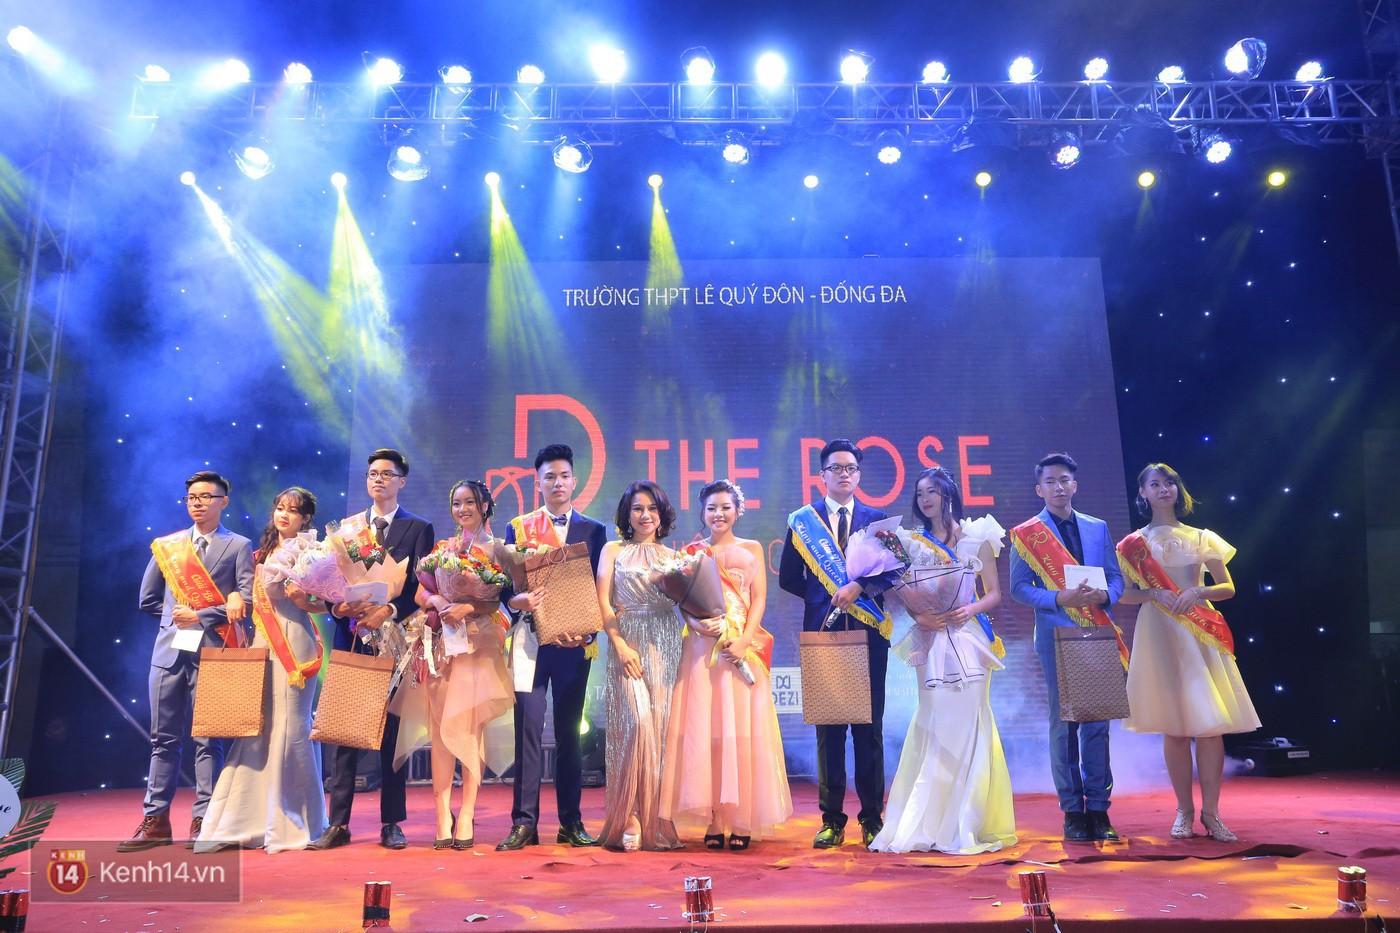 Trai xinh gái đẹp trường Lê Quý Đôn (Hà Nội) quẩy tưng bừng trong prom chào mừng 20/11 - Ảnh 21.